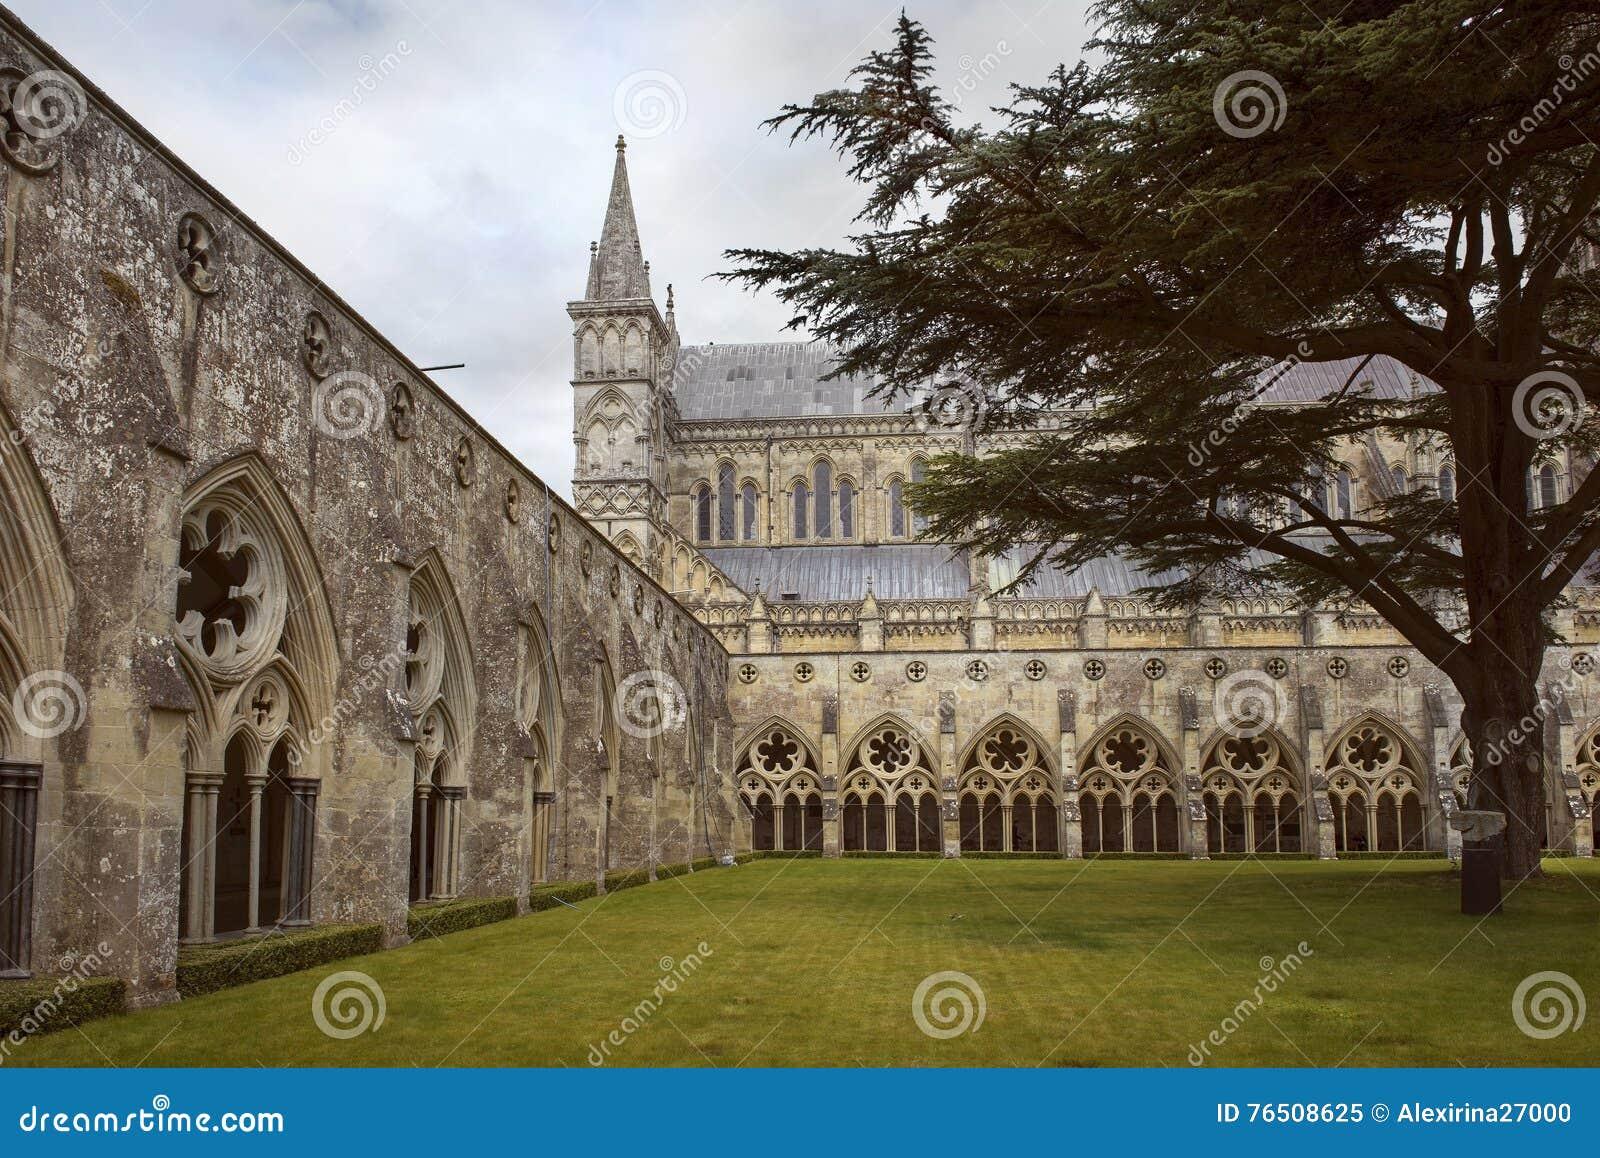 Catedral de Salisbúria, catedral anglicana em Salisbúria, Inglaterra